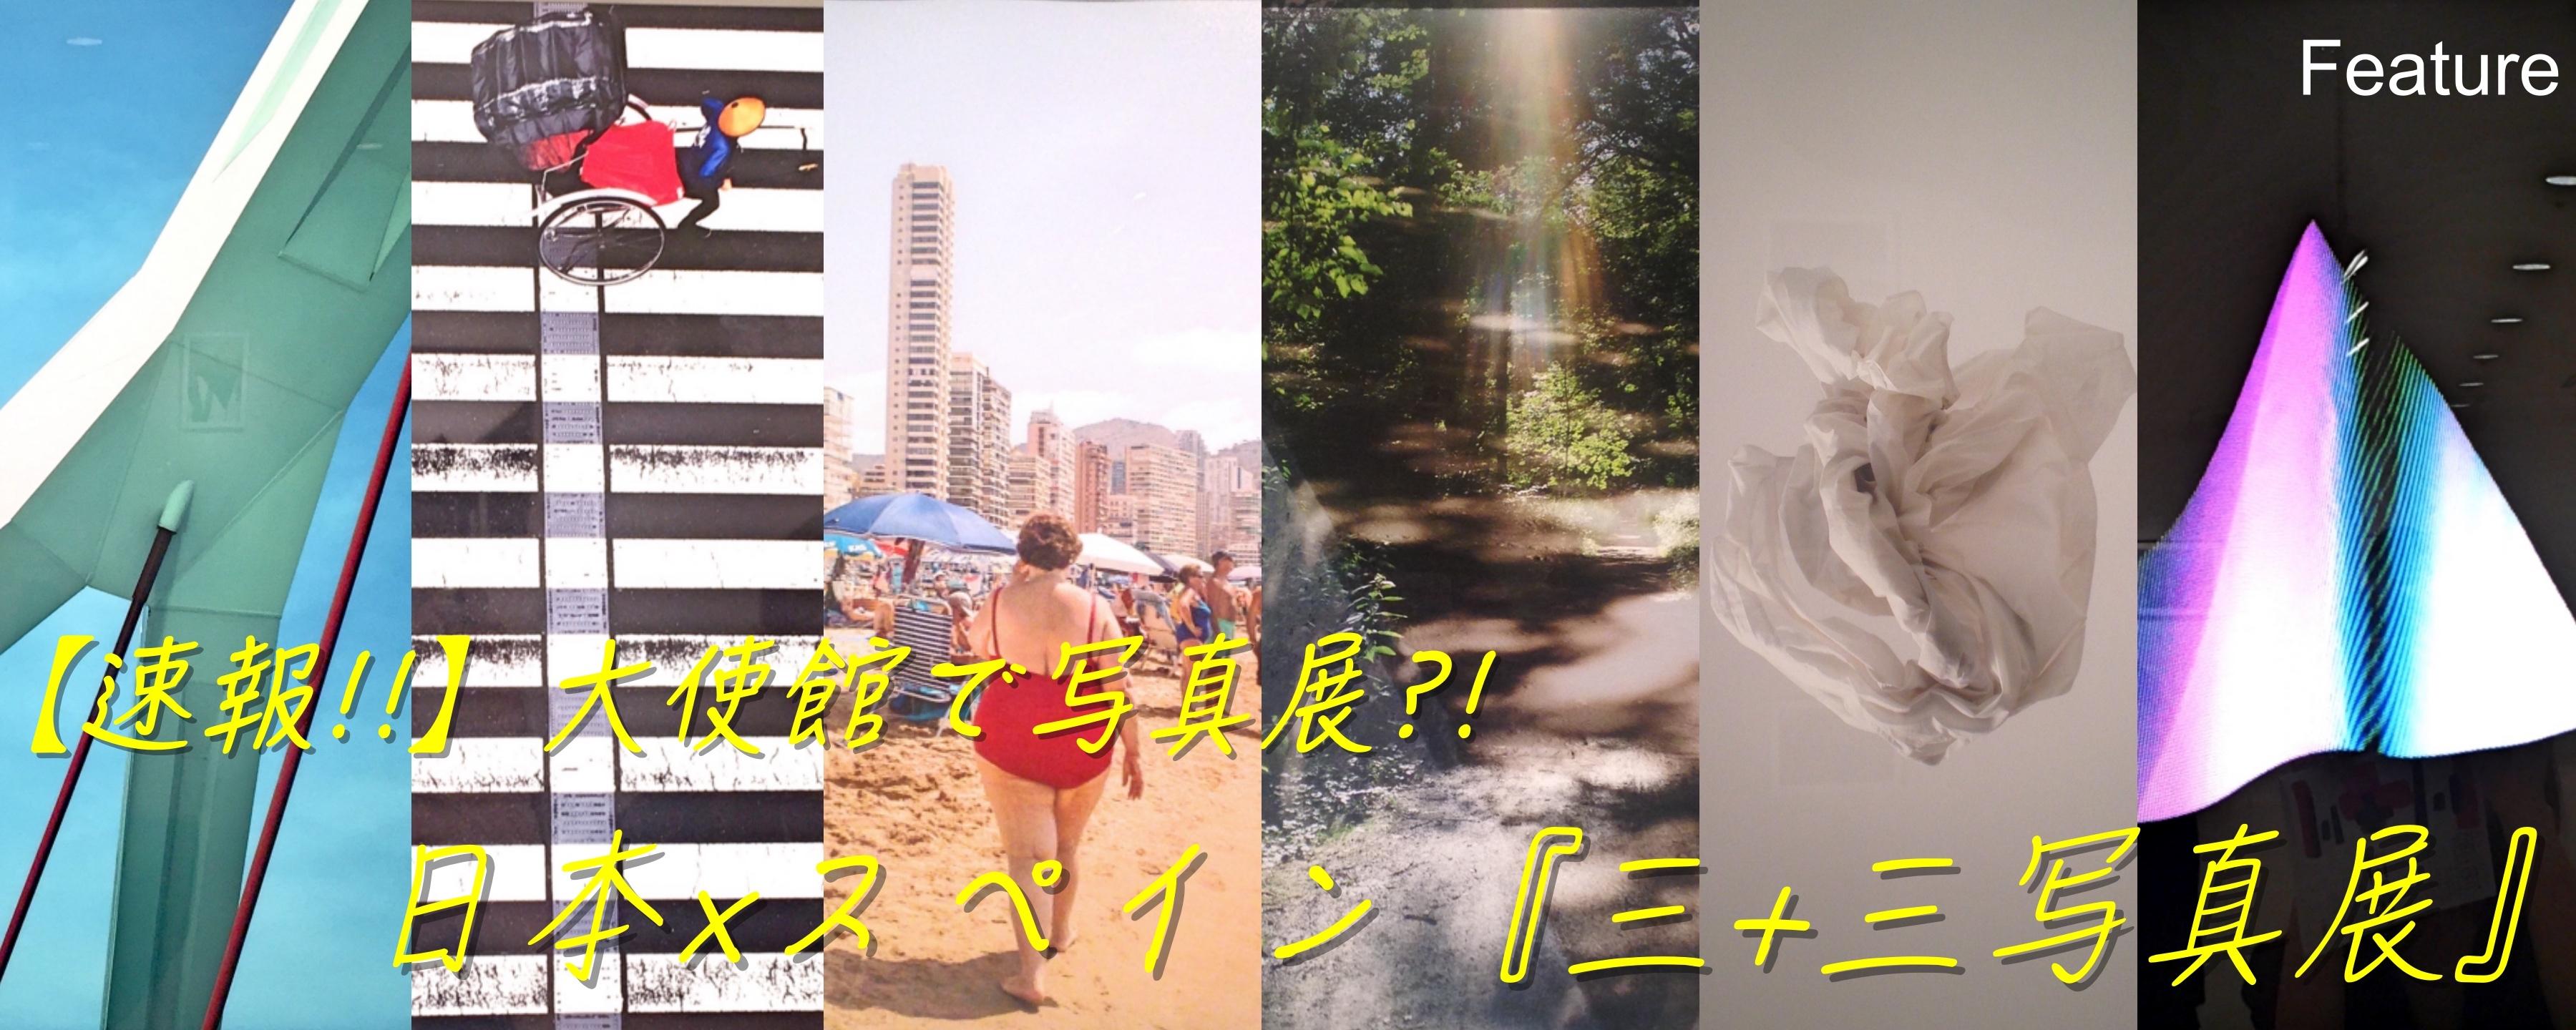 三+三 TOP画 ⓒgirls Artalk 新麻記子